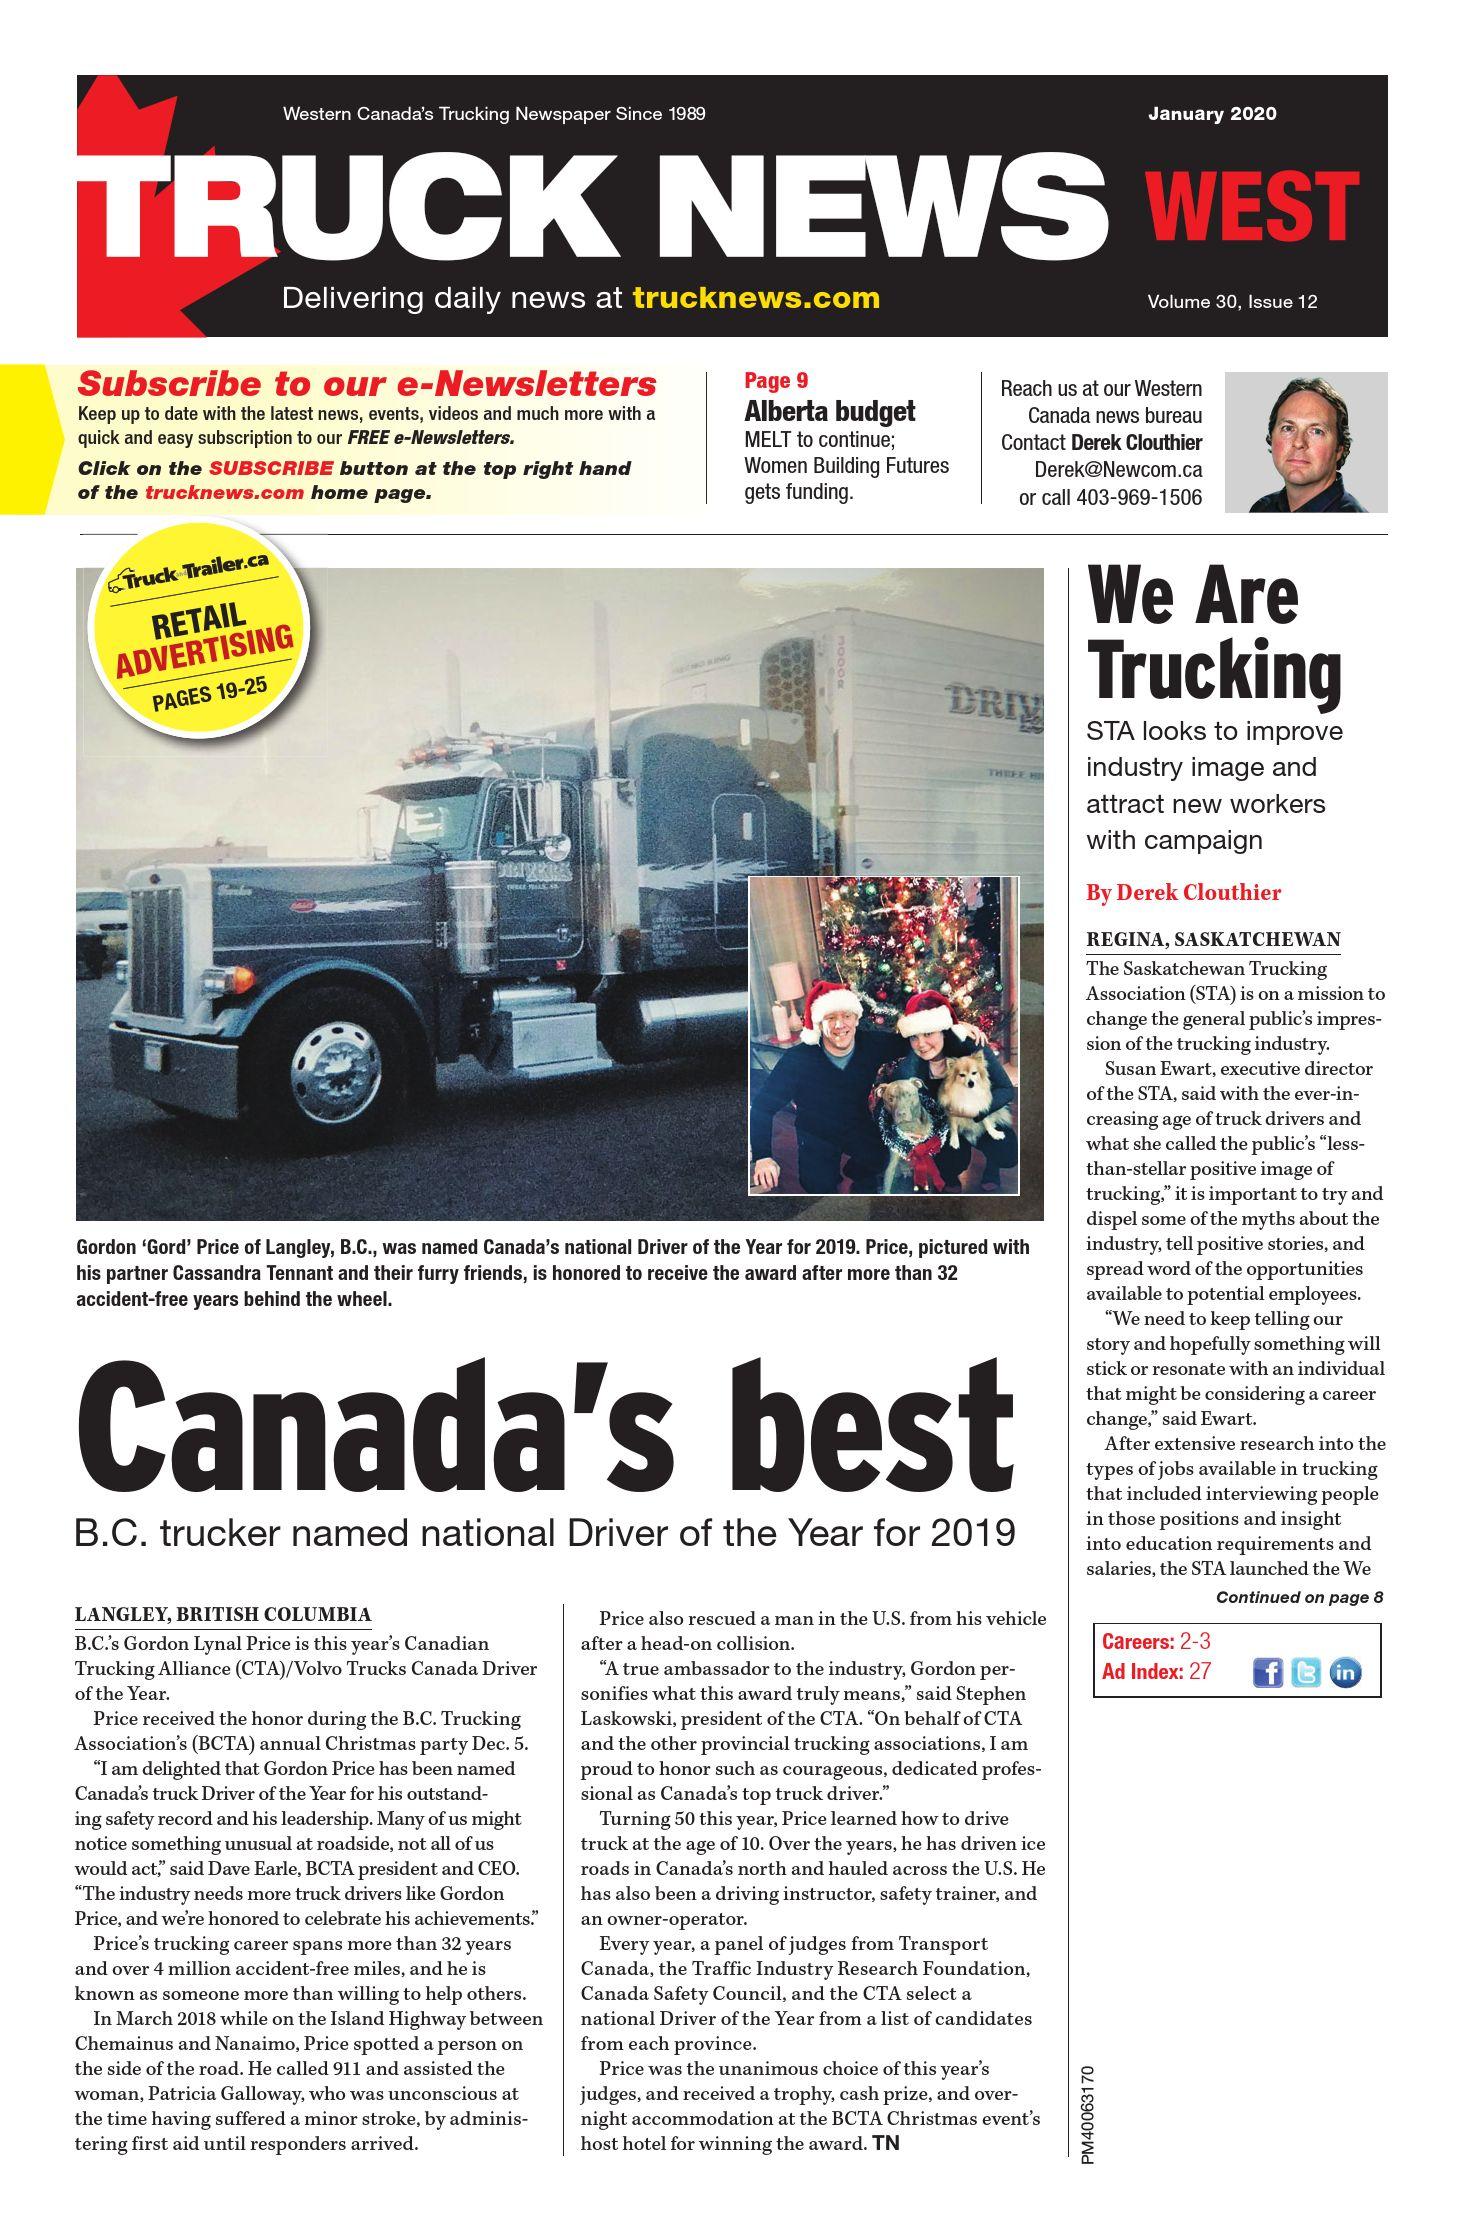 Truck News West – 1 janvier 2020